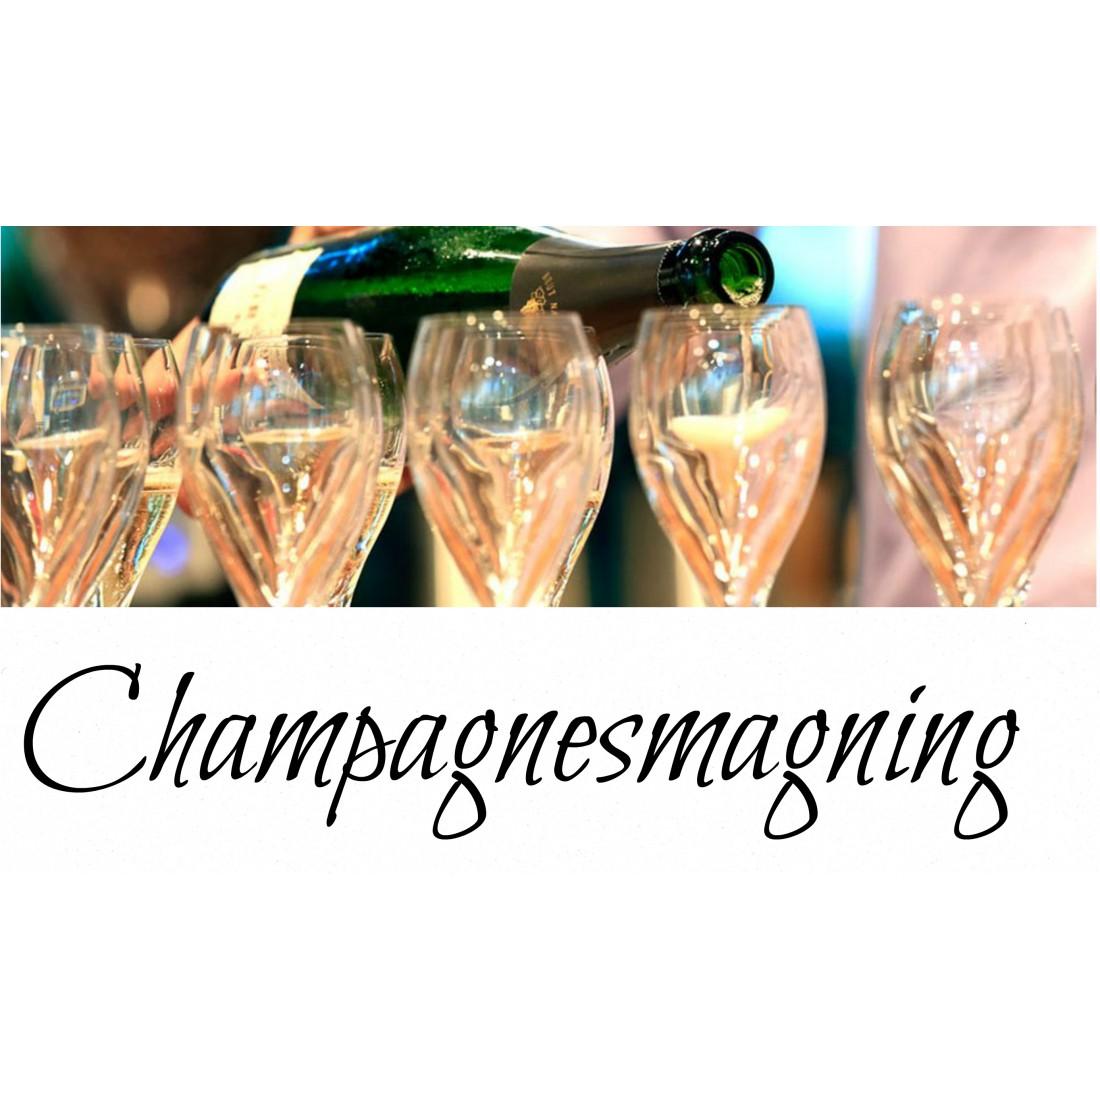 Champagnesmagning lørdag den 31 oktober kl. 19.00 I ChampagneKælderen-31